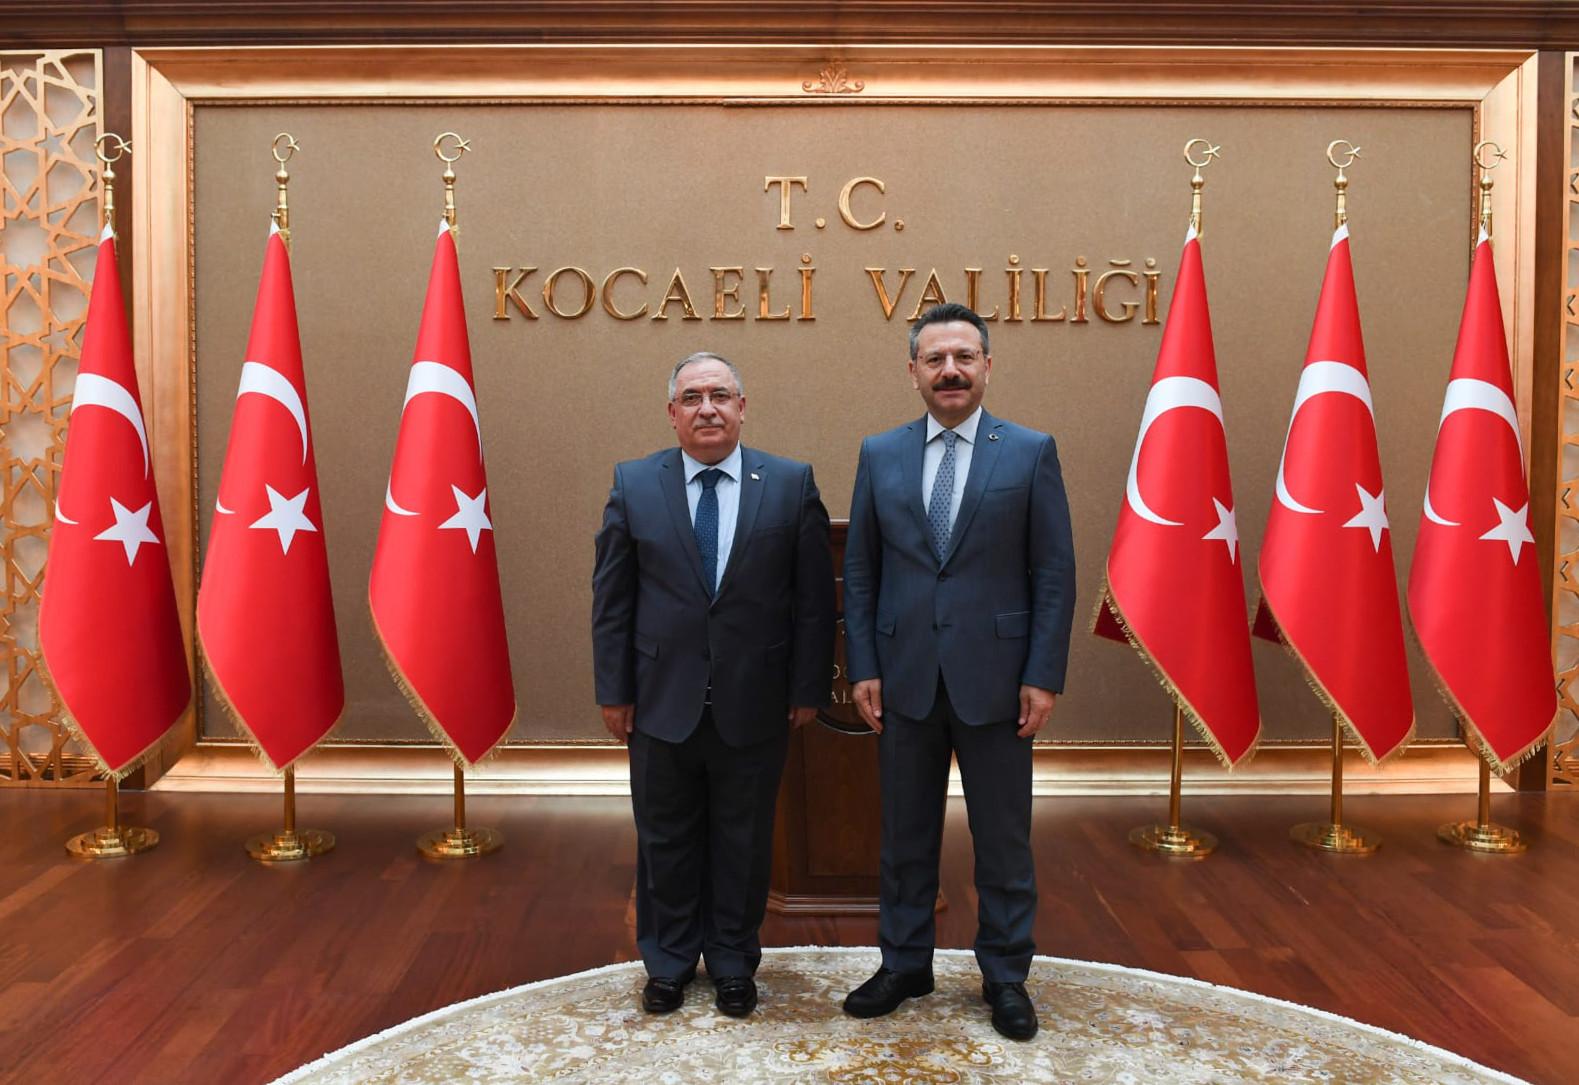 Vali Nayir'den Kocaeli Valisi ve Büyükşehir Belediye Başkanına ziyaret